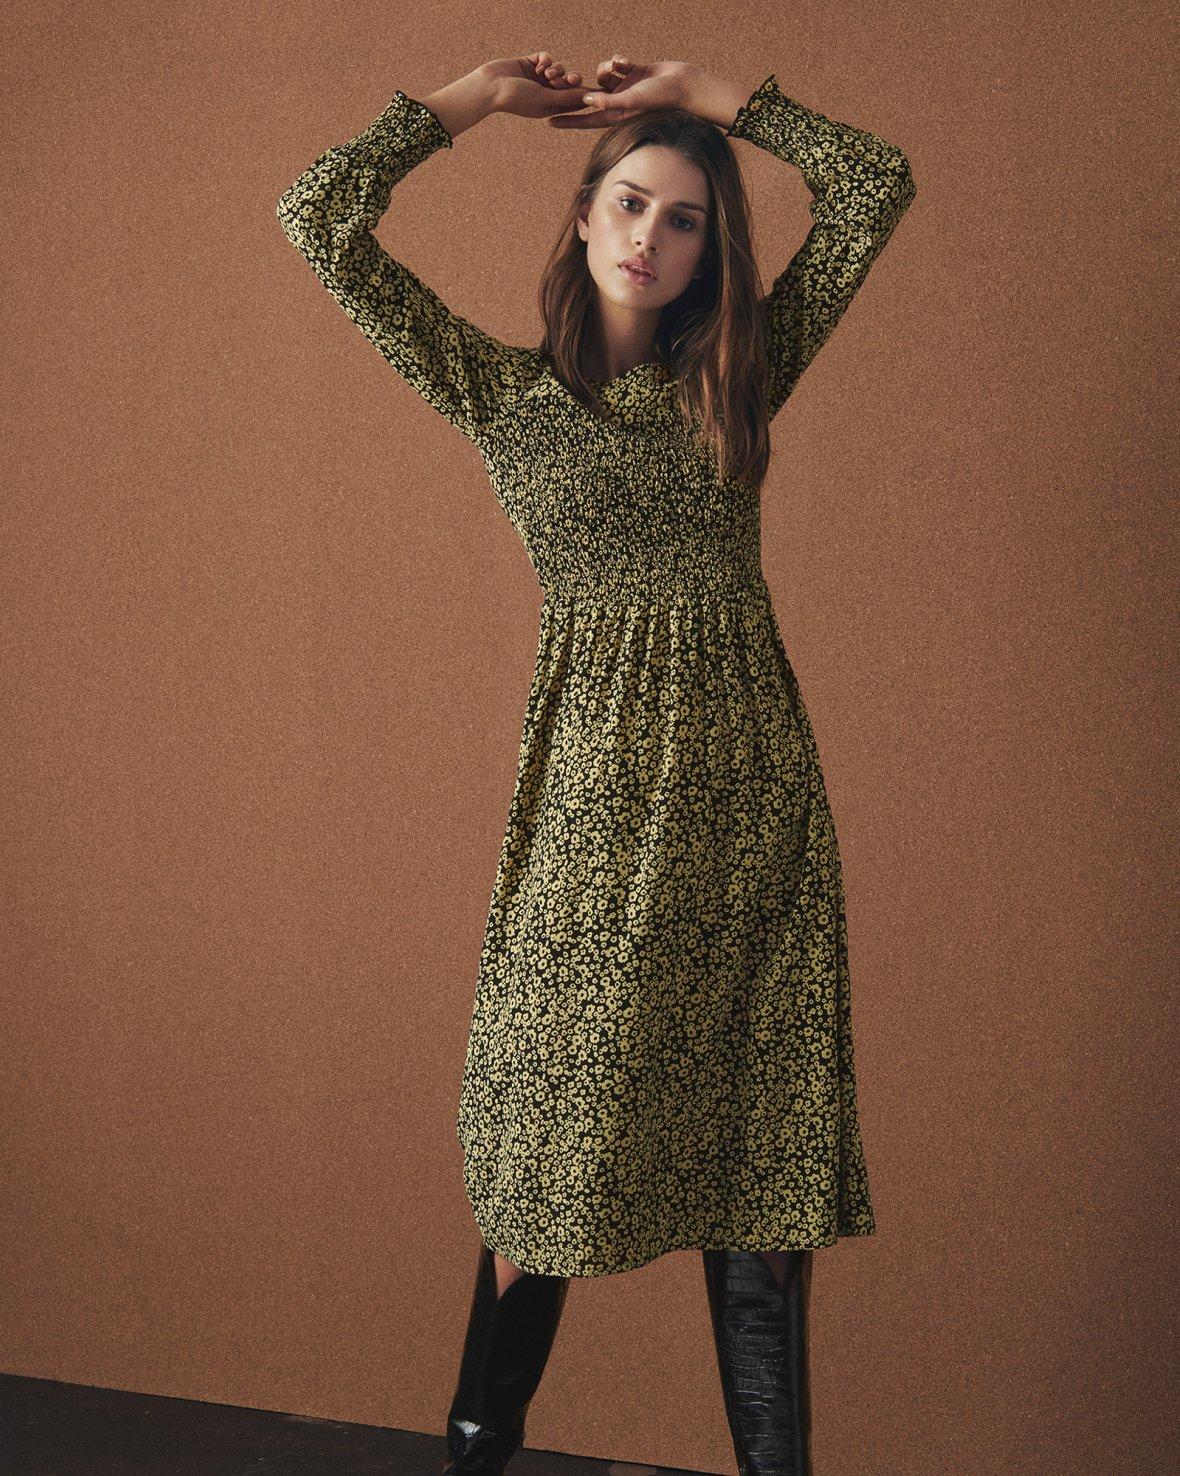 moss-copenhagen-celina-morocco-ls-smock-dress-aop-_1180x1476c